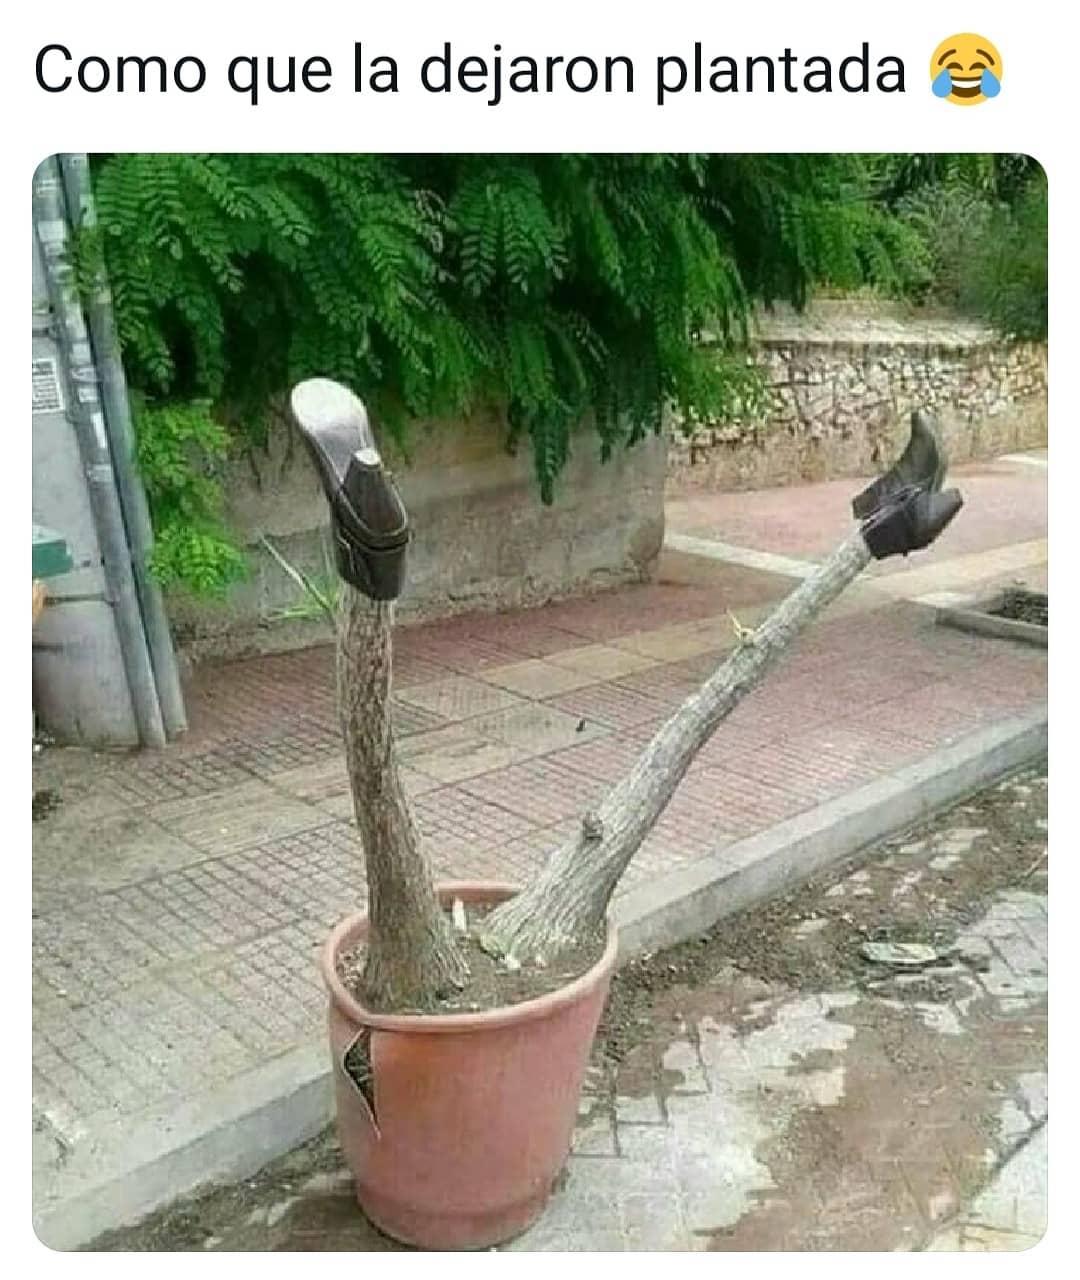 Como que la dejaron plantada.